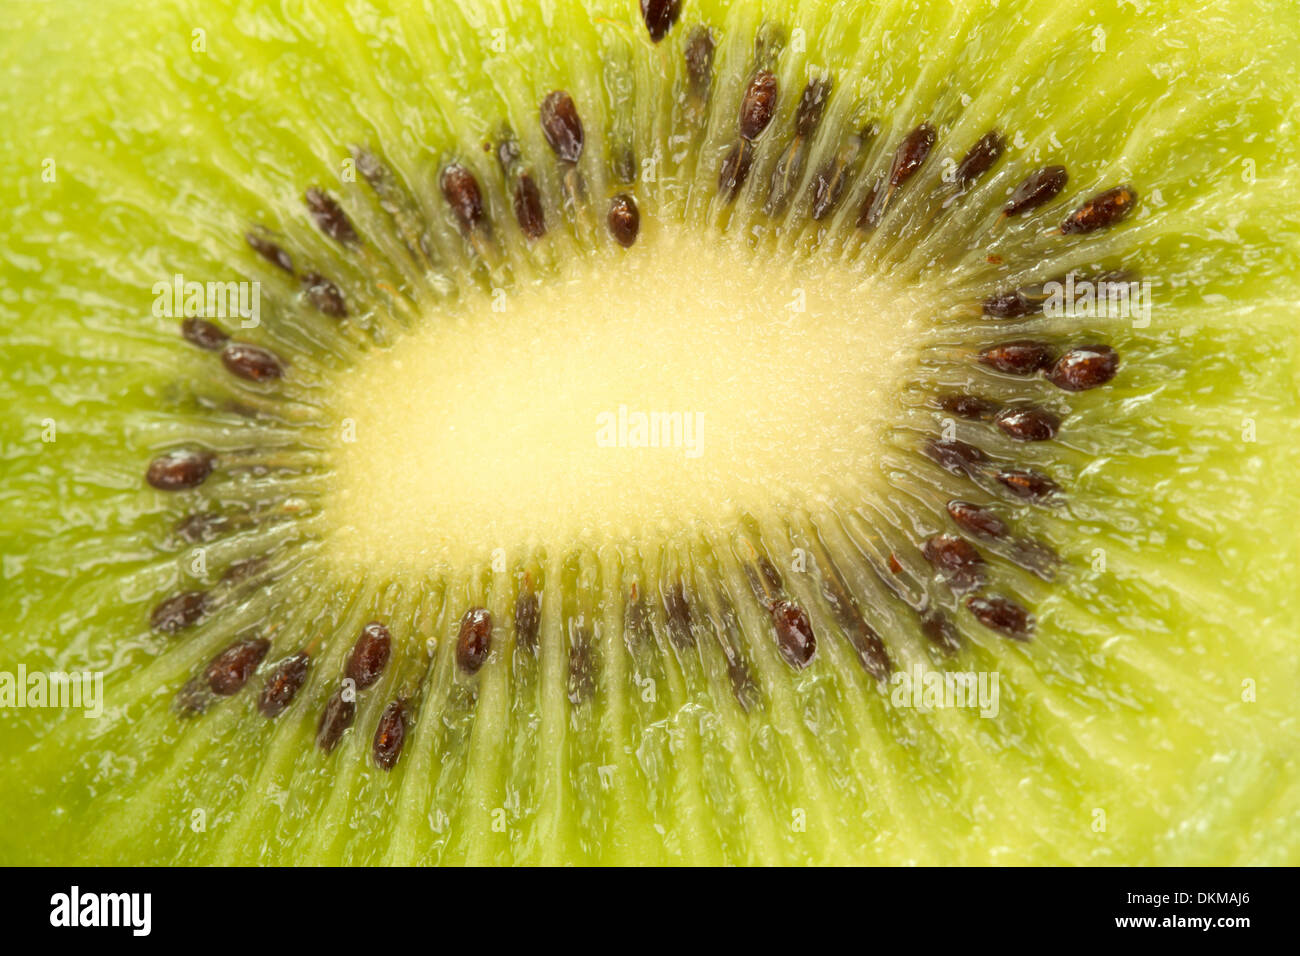 Kiwi fruit close up - Stock Image